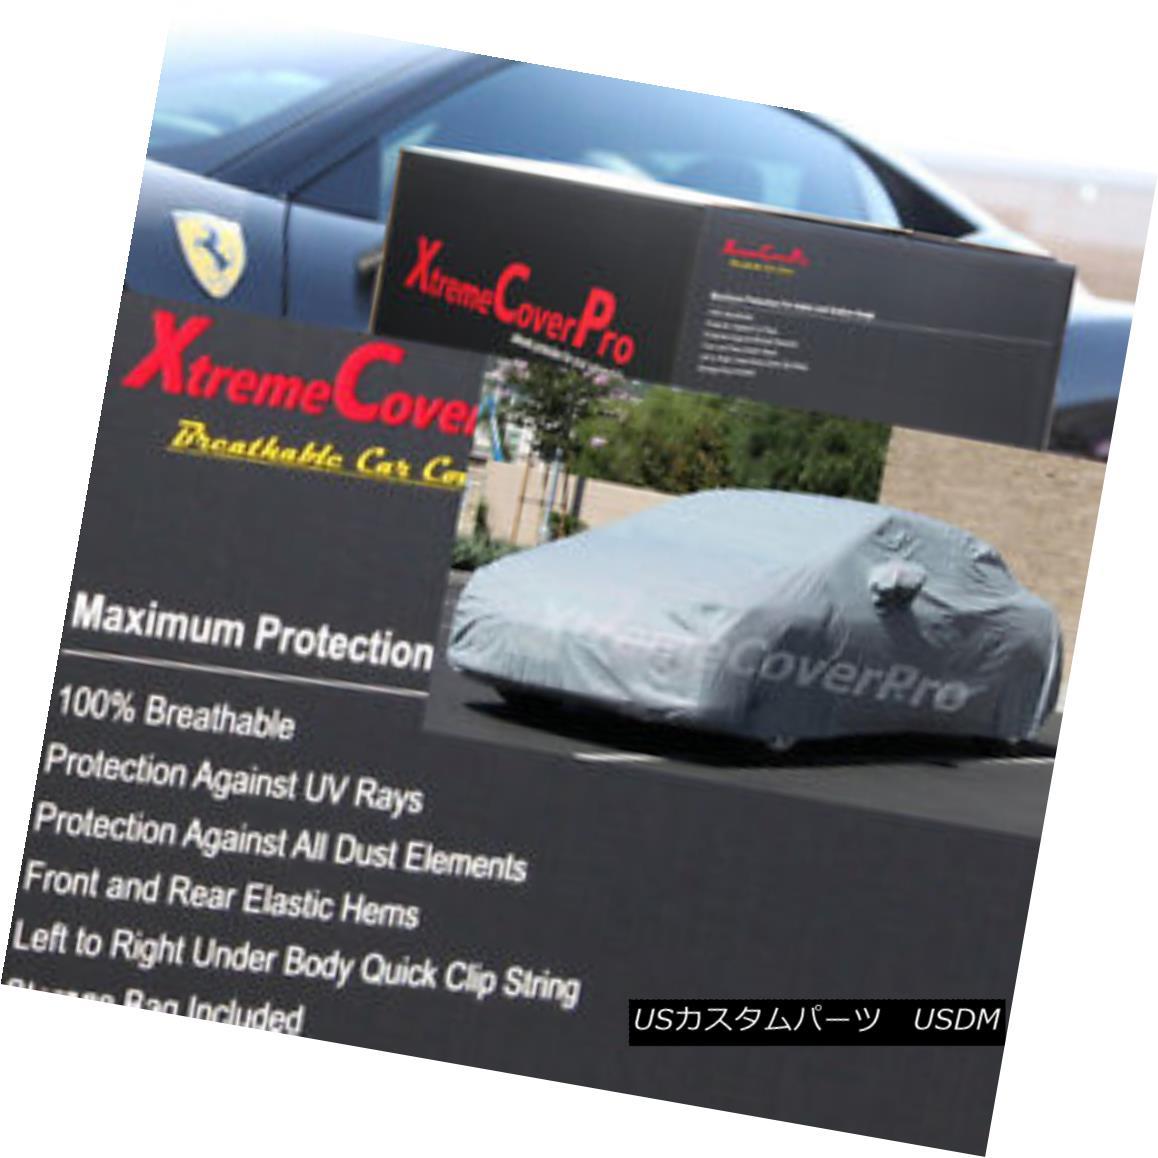 カーカバー 2014 Honda Accord Hybrid Breathable Car Cover w/ Mirror Pocket 2014 Honda Accordハイブリッド通気性車カバー(ミラーポケット付)